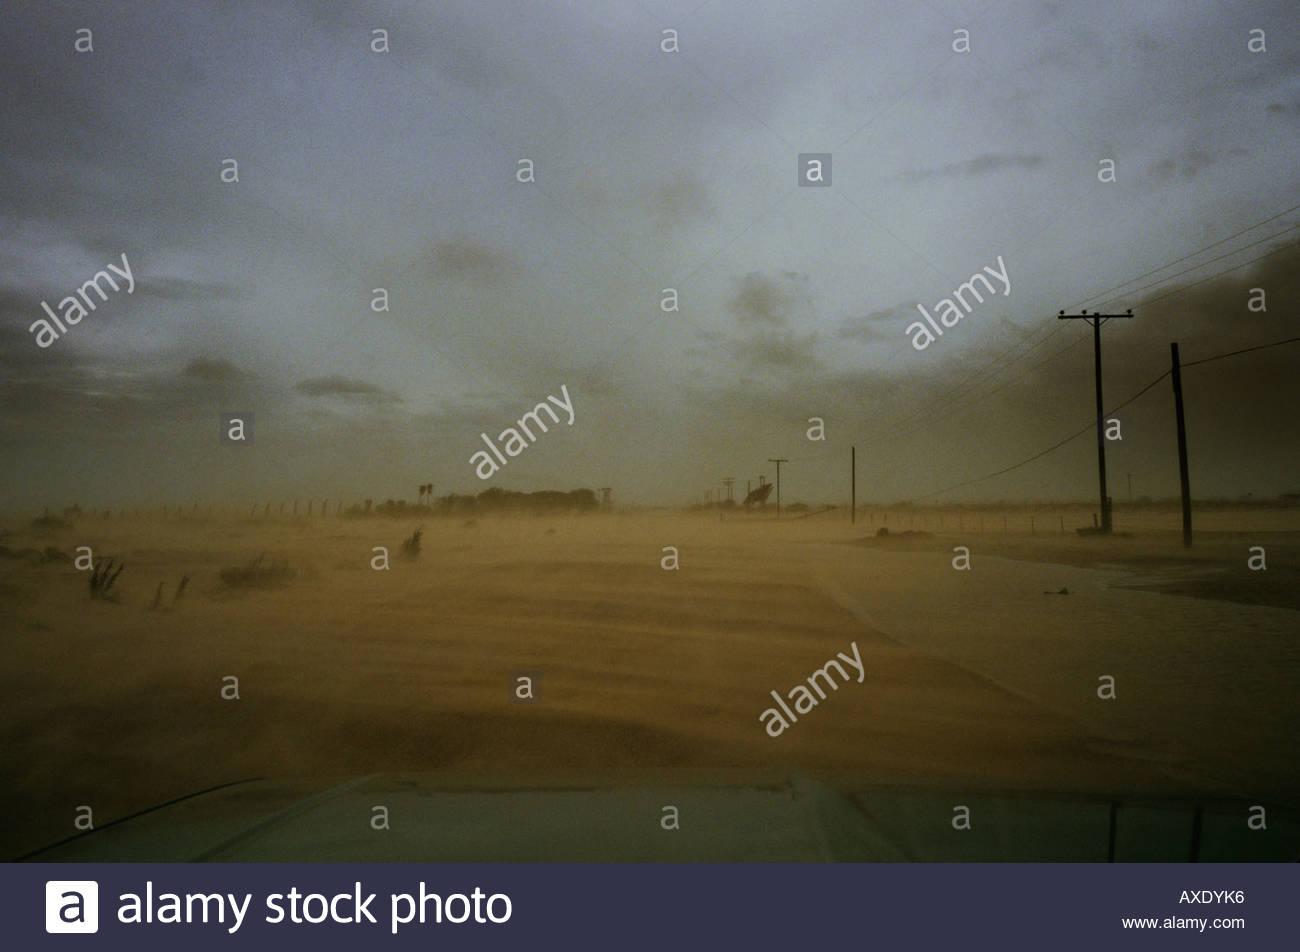 Treiber Sicht wurde durch Hurrikan Nora POV fahren in Sandsturm nähert sich Rocky Point Mexiko, Sandsturm verursacht. Stockbild